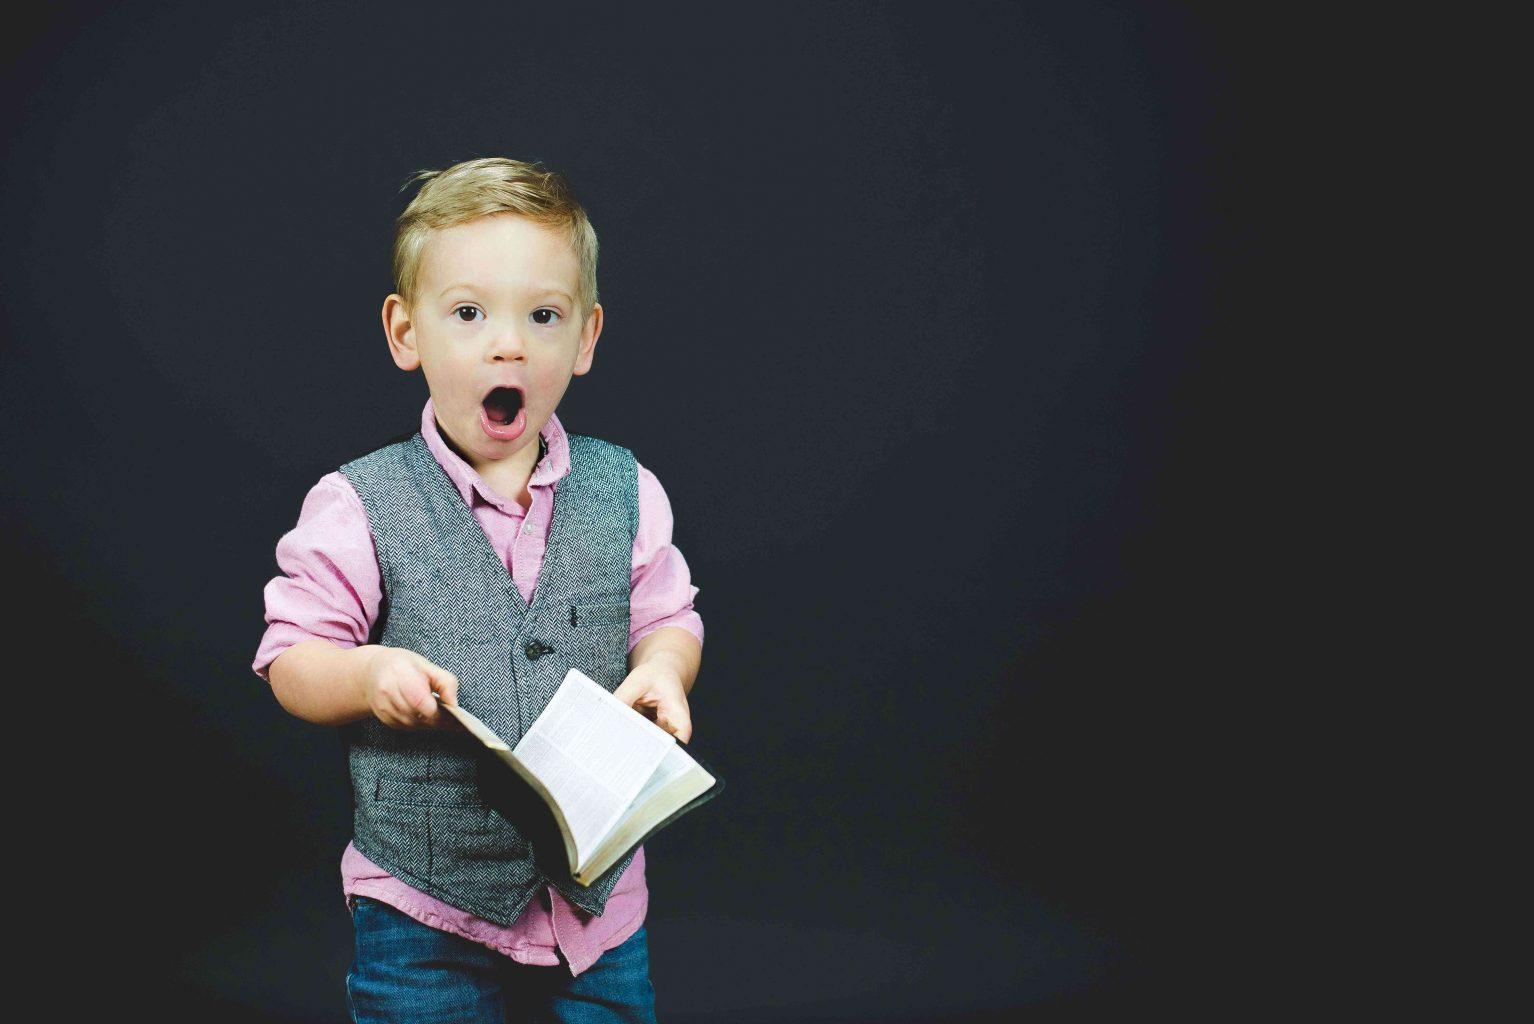 shocked-kiddo-potty-training